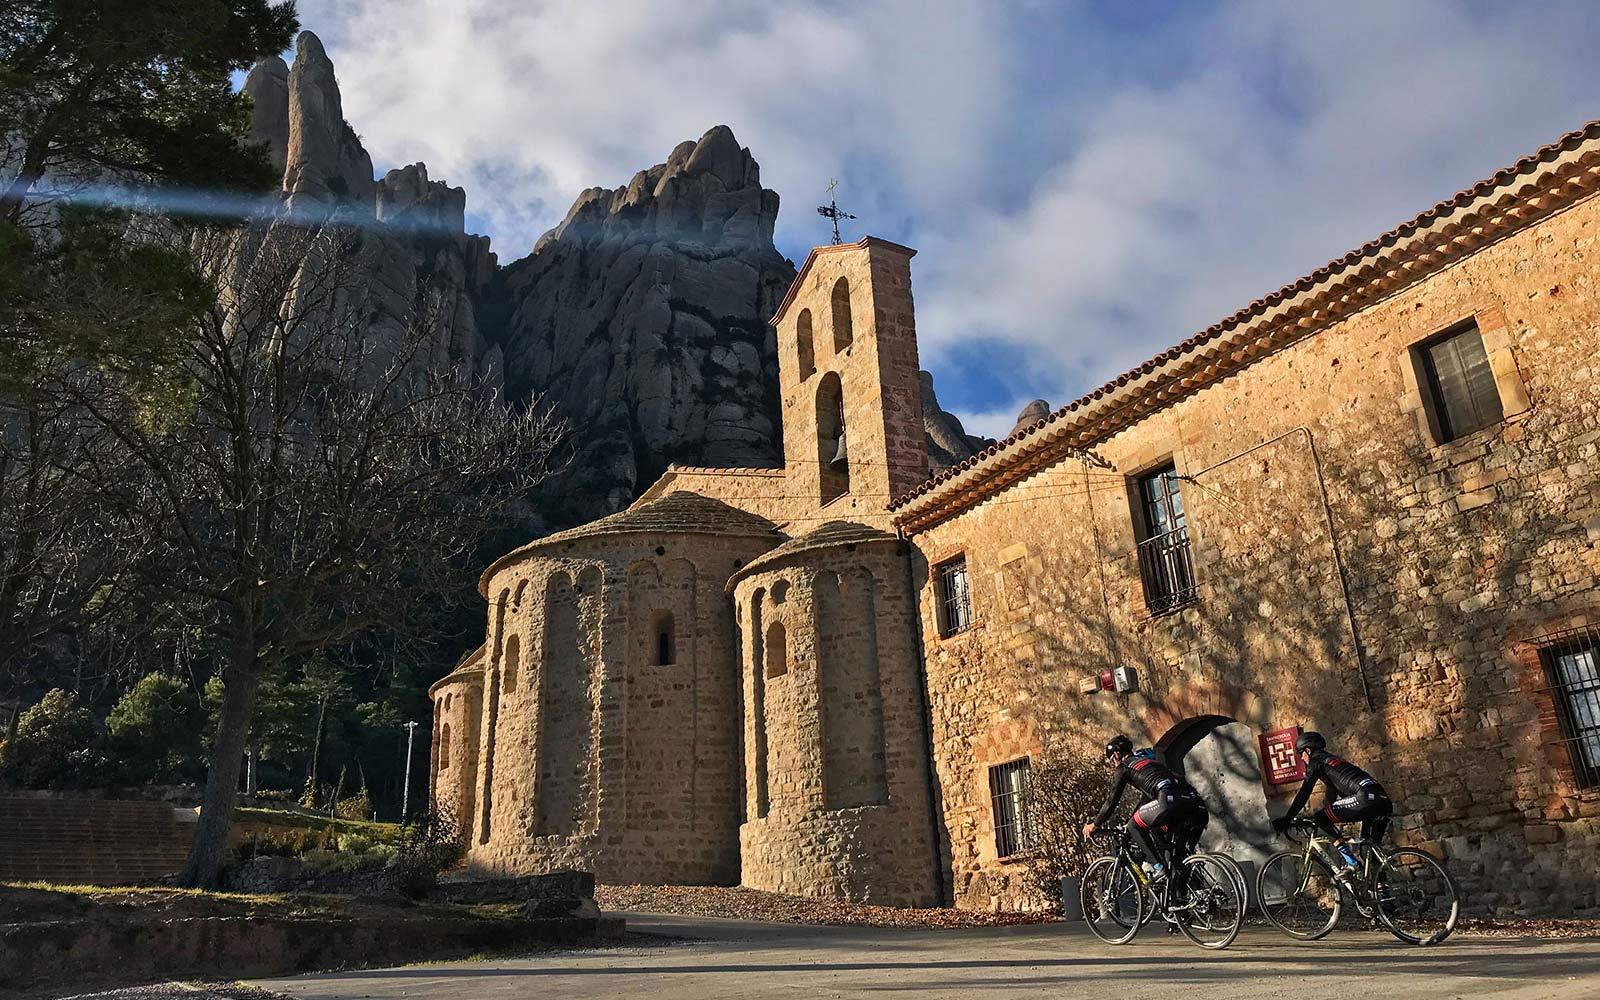 Cycling Tours: Barcelona to Girona